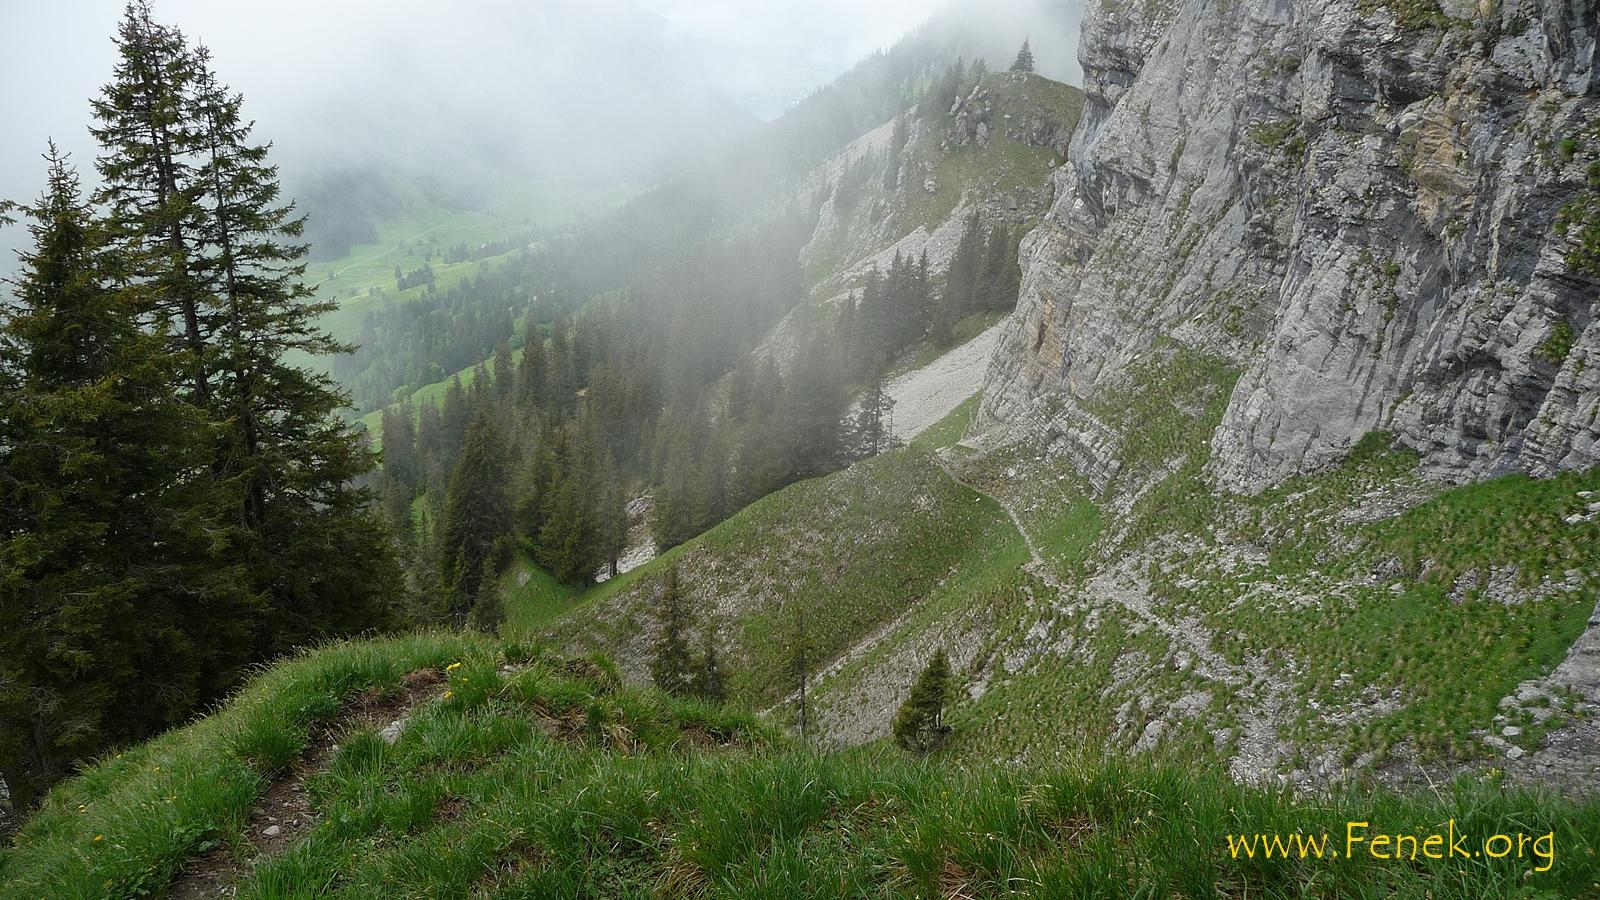 Traversierung im steilen Gelände